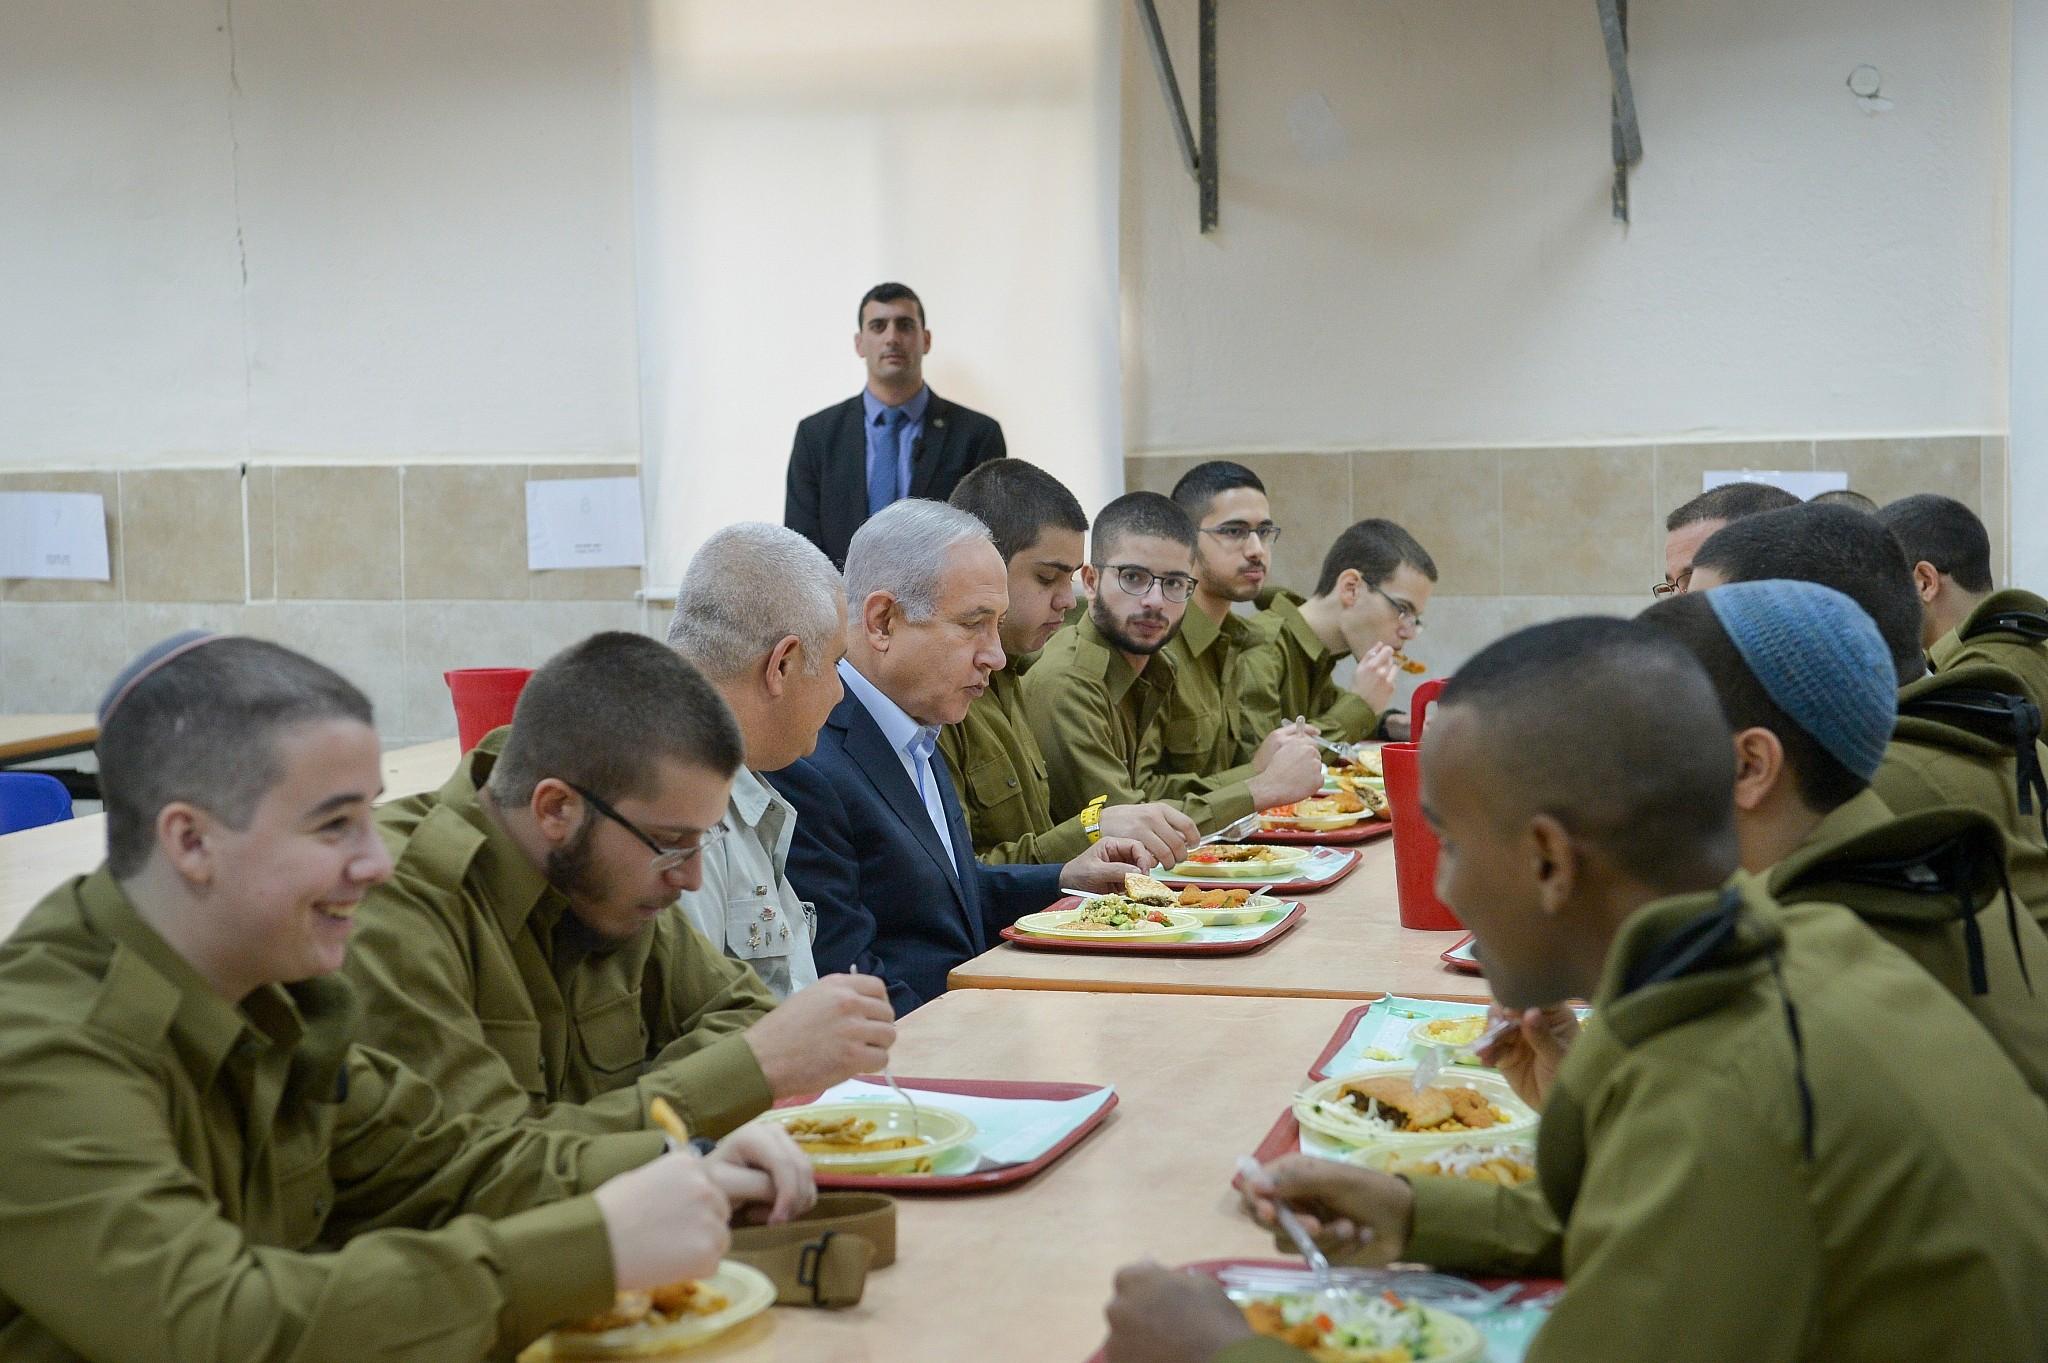 إسرائيل أعدت قائمة لـ200 من مسؤوليها قد تستهدفهم المحكمة الجنائية الدولية